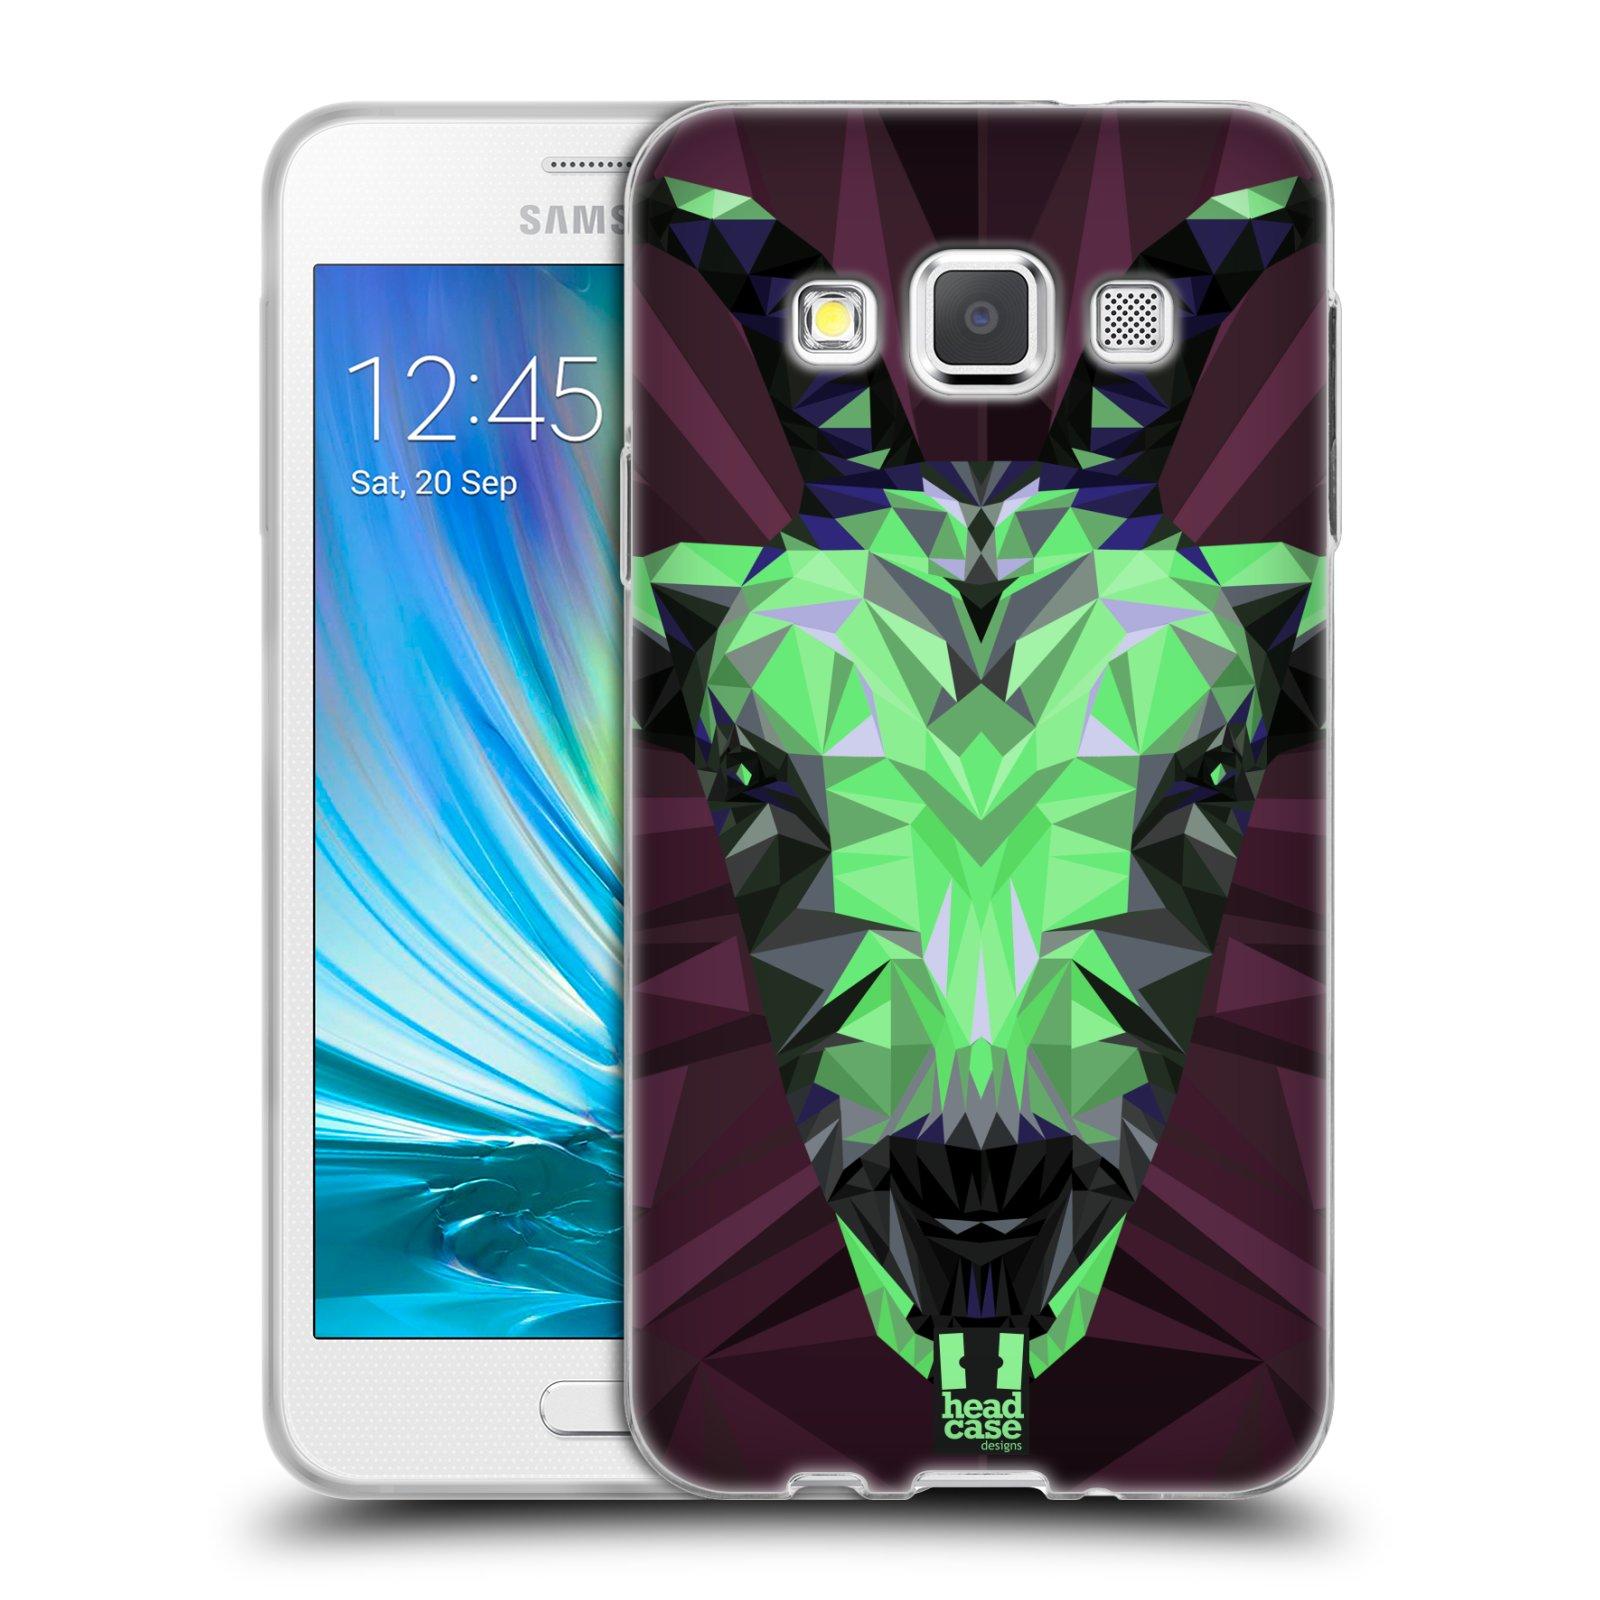 HEAD CASE silikonový obal na mobil Samsung Galaxy A3 vzor Geometrická zvířata 2 kozel